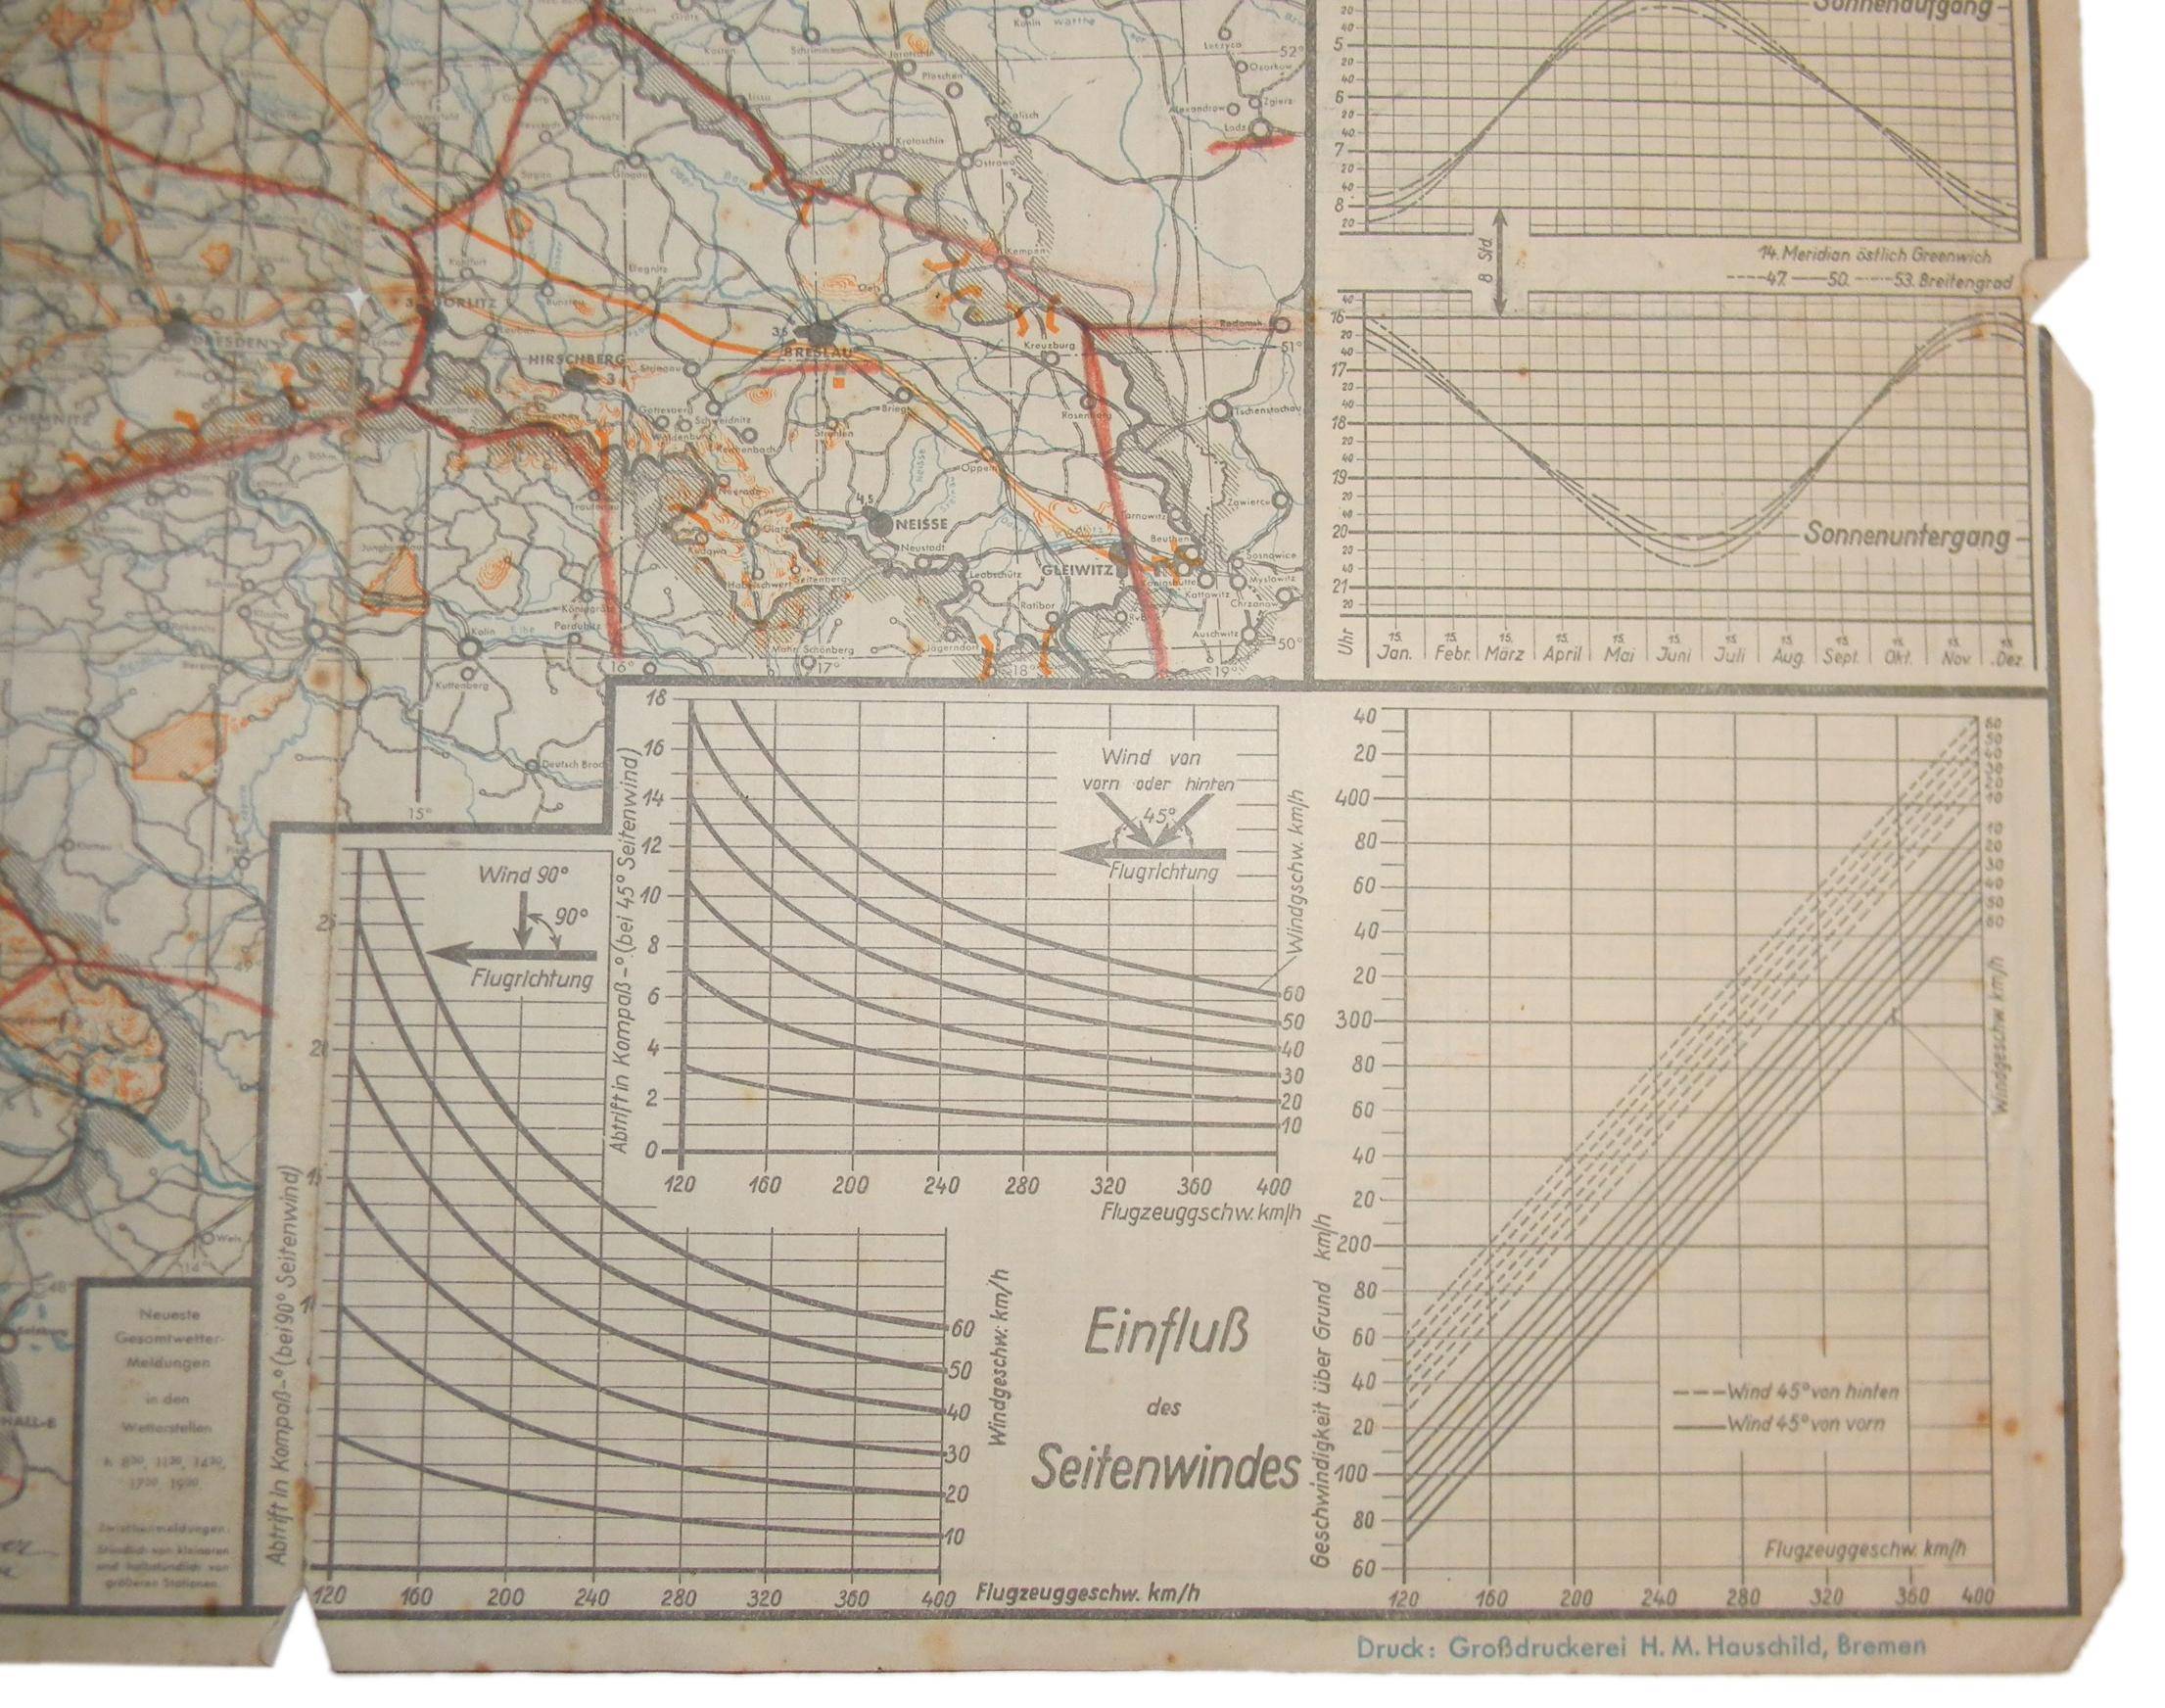 LW Focke-Wulf air chart